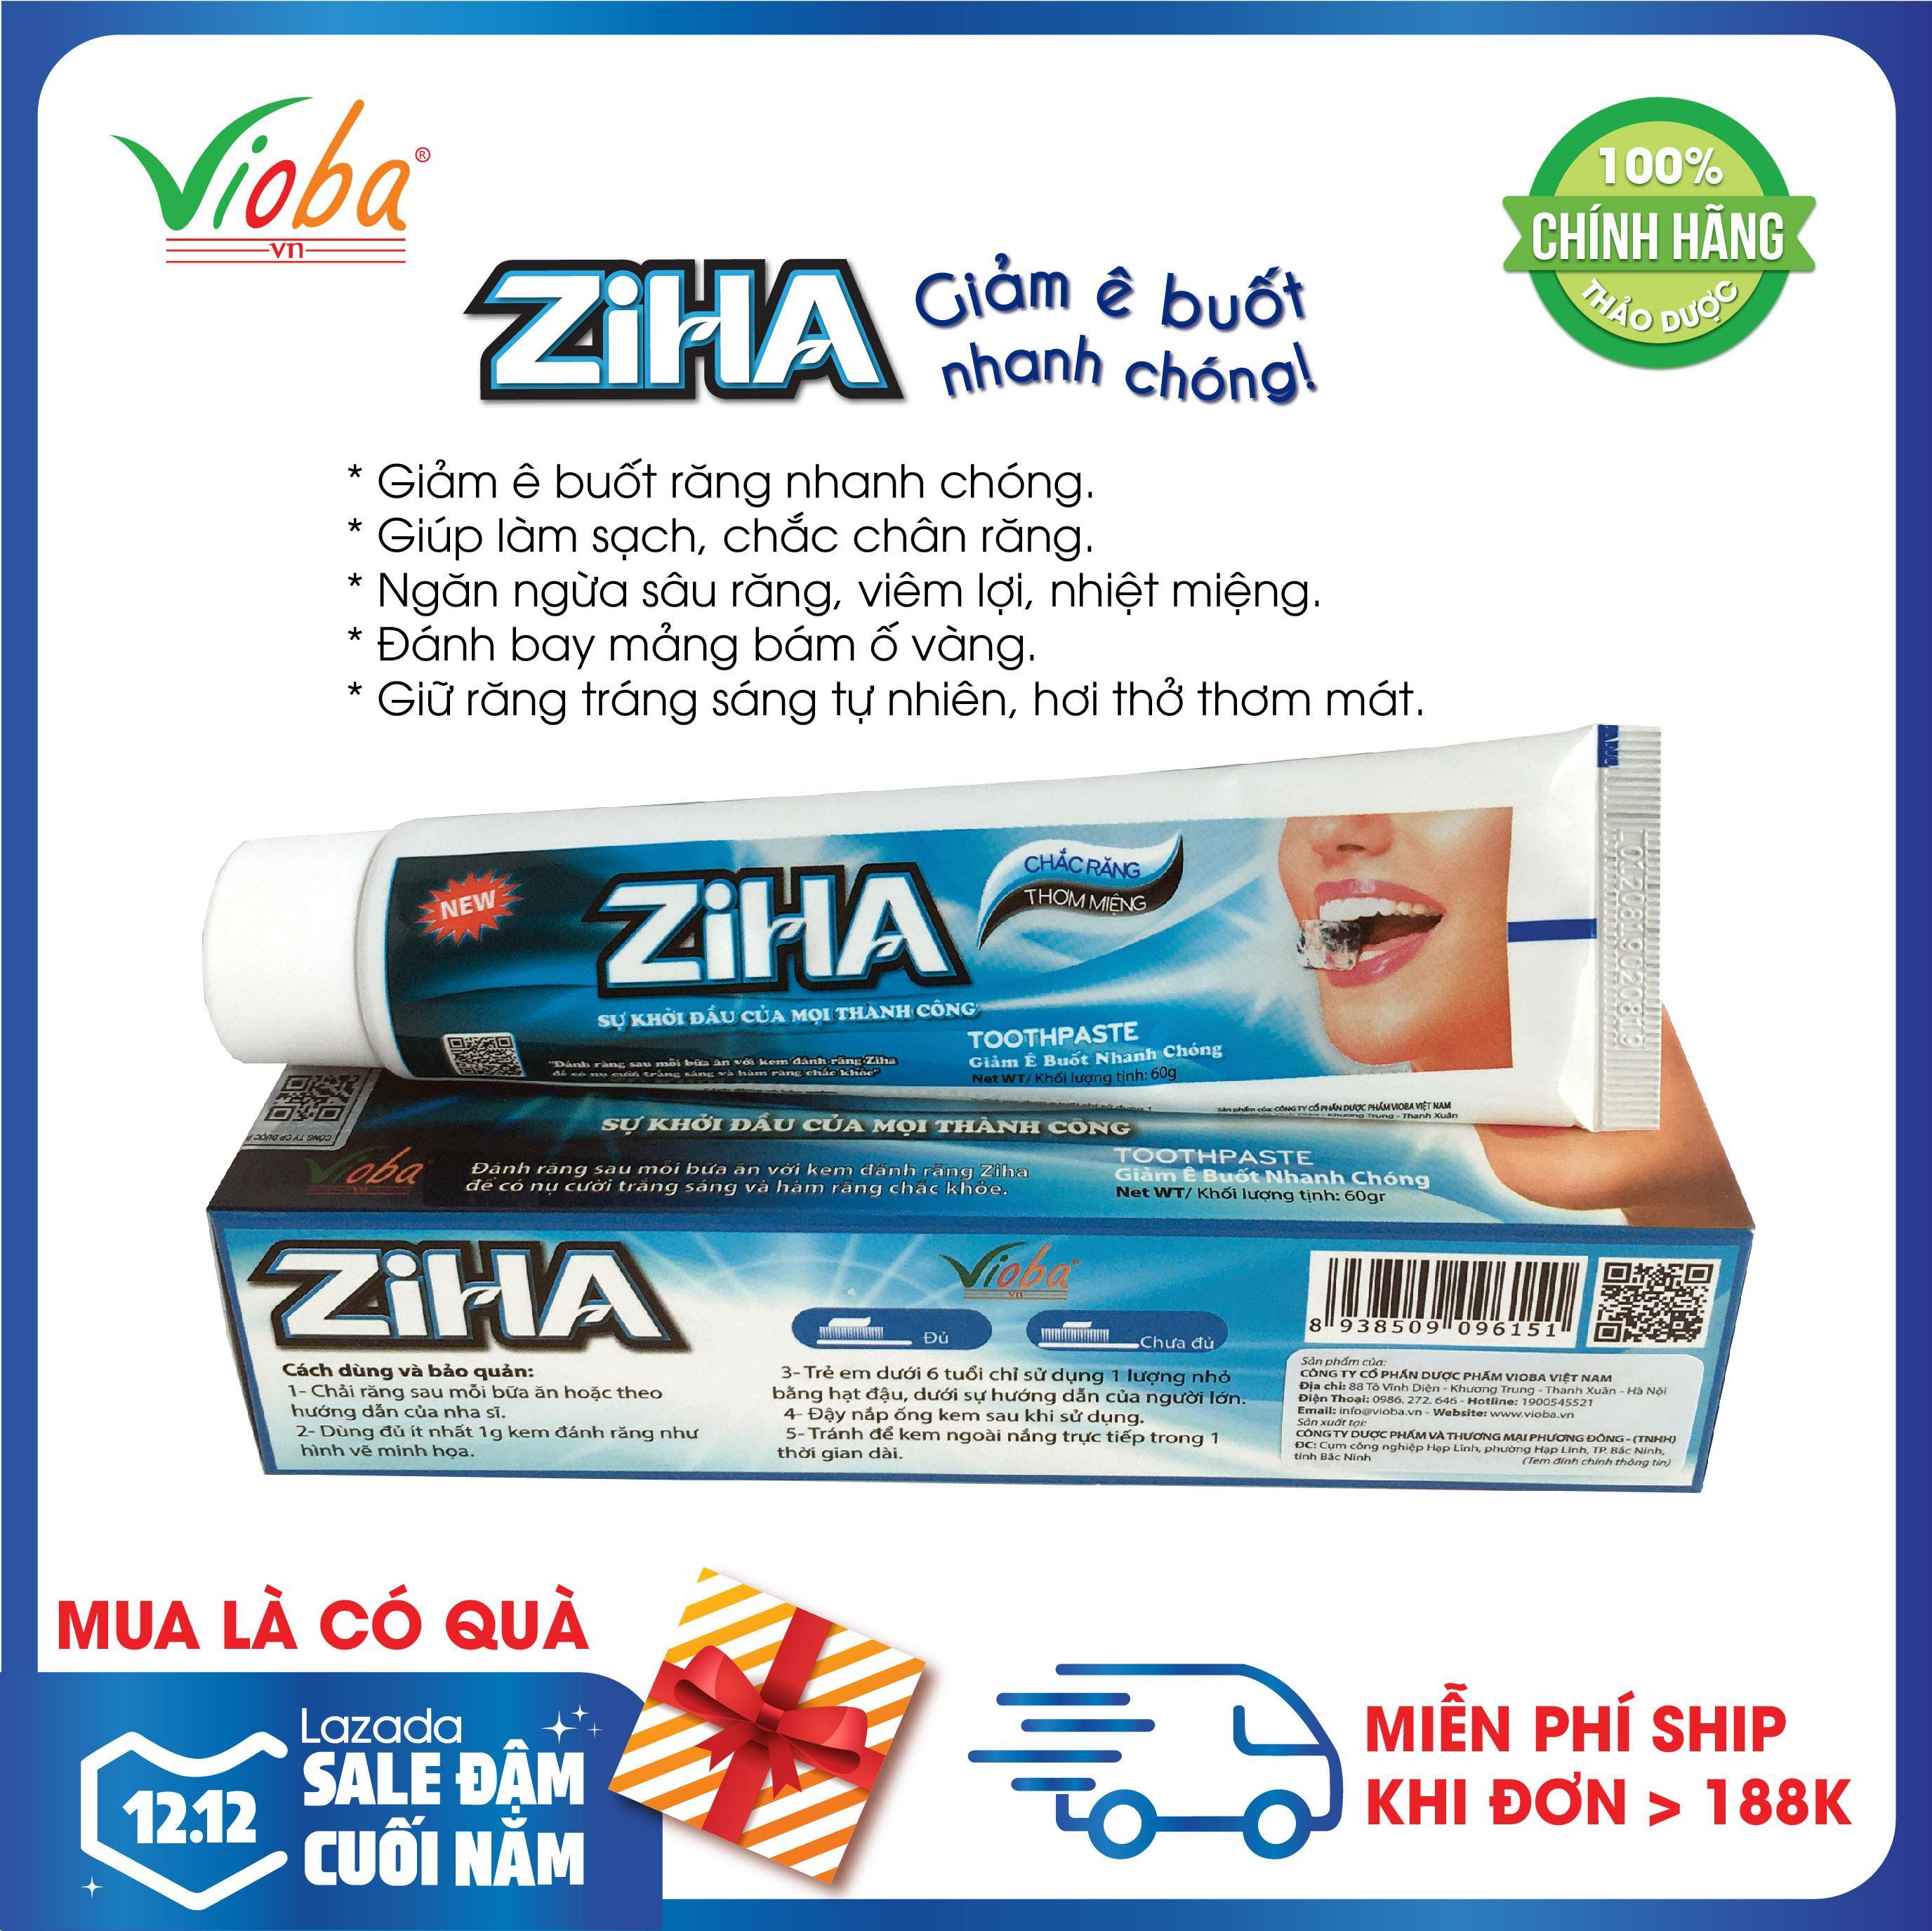 Kem đánh răng thảo dược giảm ê buốt nhanh chóng, làm sạch, ngừa sâu răng, giúp răng chắc khỏe, trắng sáng tự nhiên, ngăn ngừa viêm lợi, nhiệt miệng, hơi thở thơm - Kem đánh răng ZIHA của Vioba hộp 60g